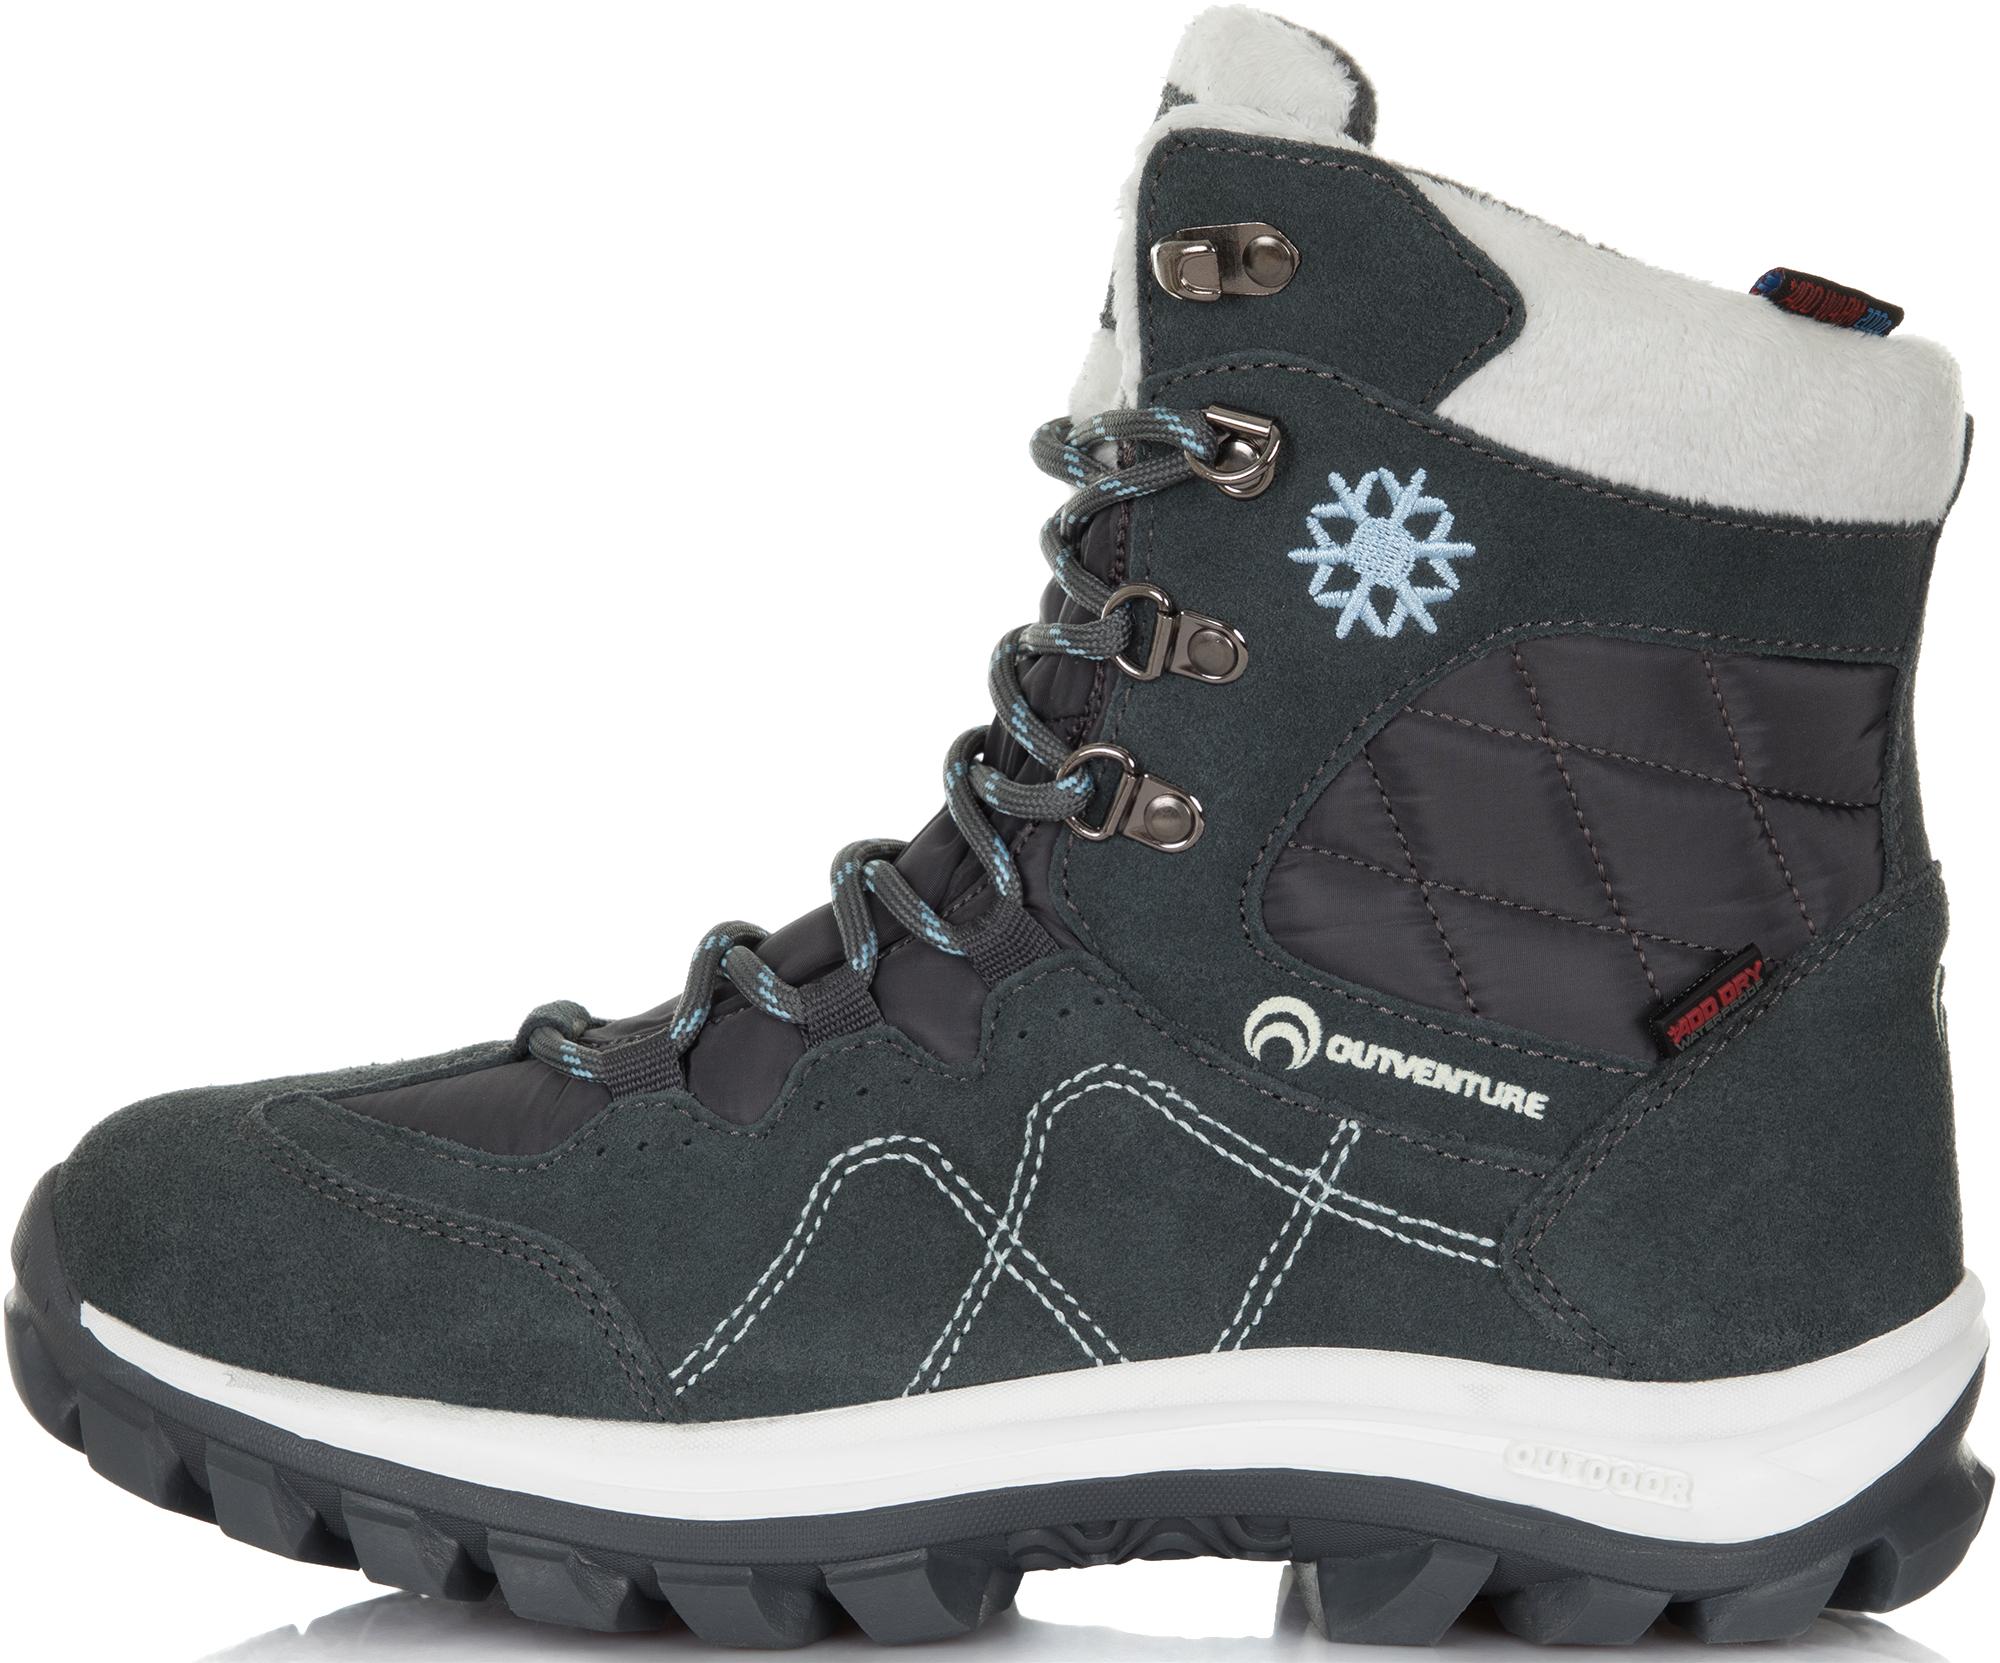 Outventure Ботинки утепленные женские Outventure Snowflake, размер 36 ботинки женские daze цвет темно серый 16507z 3 2l размер 36